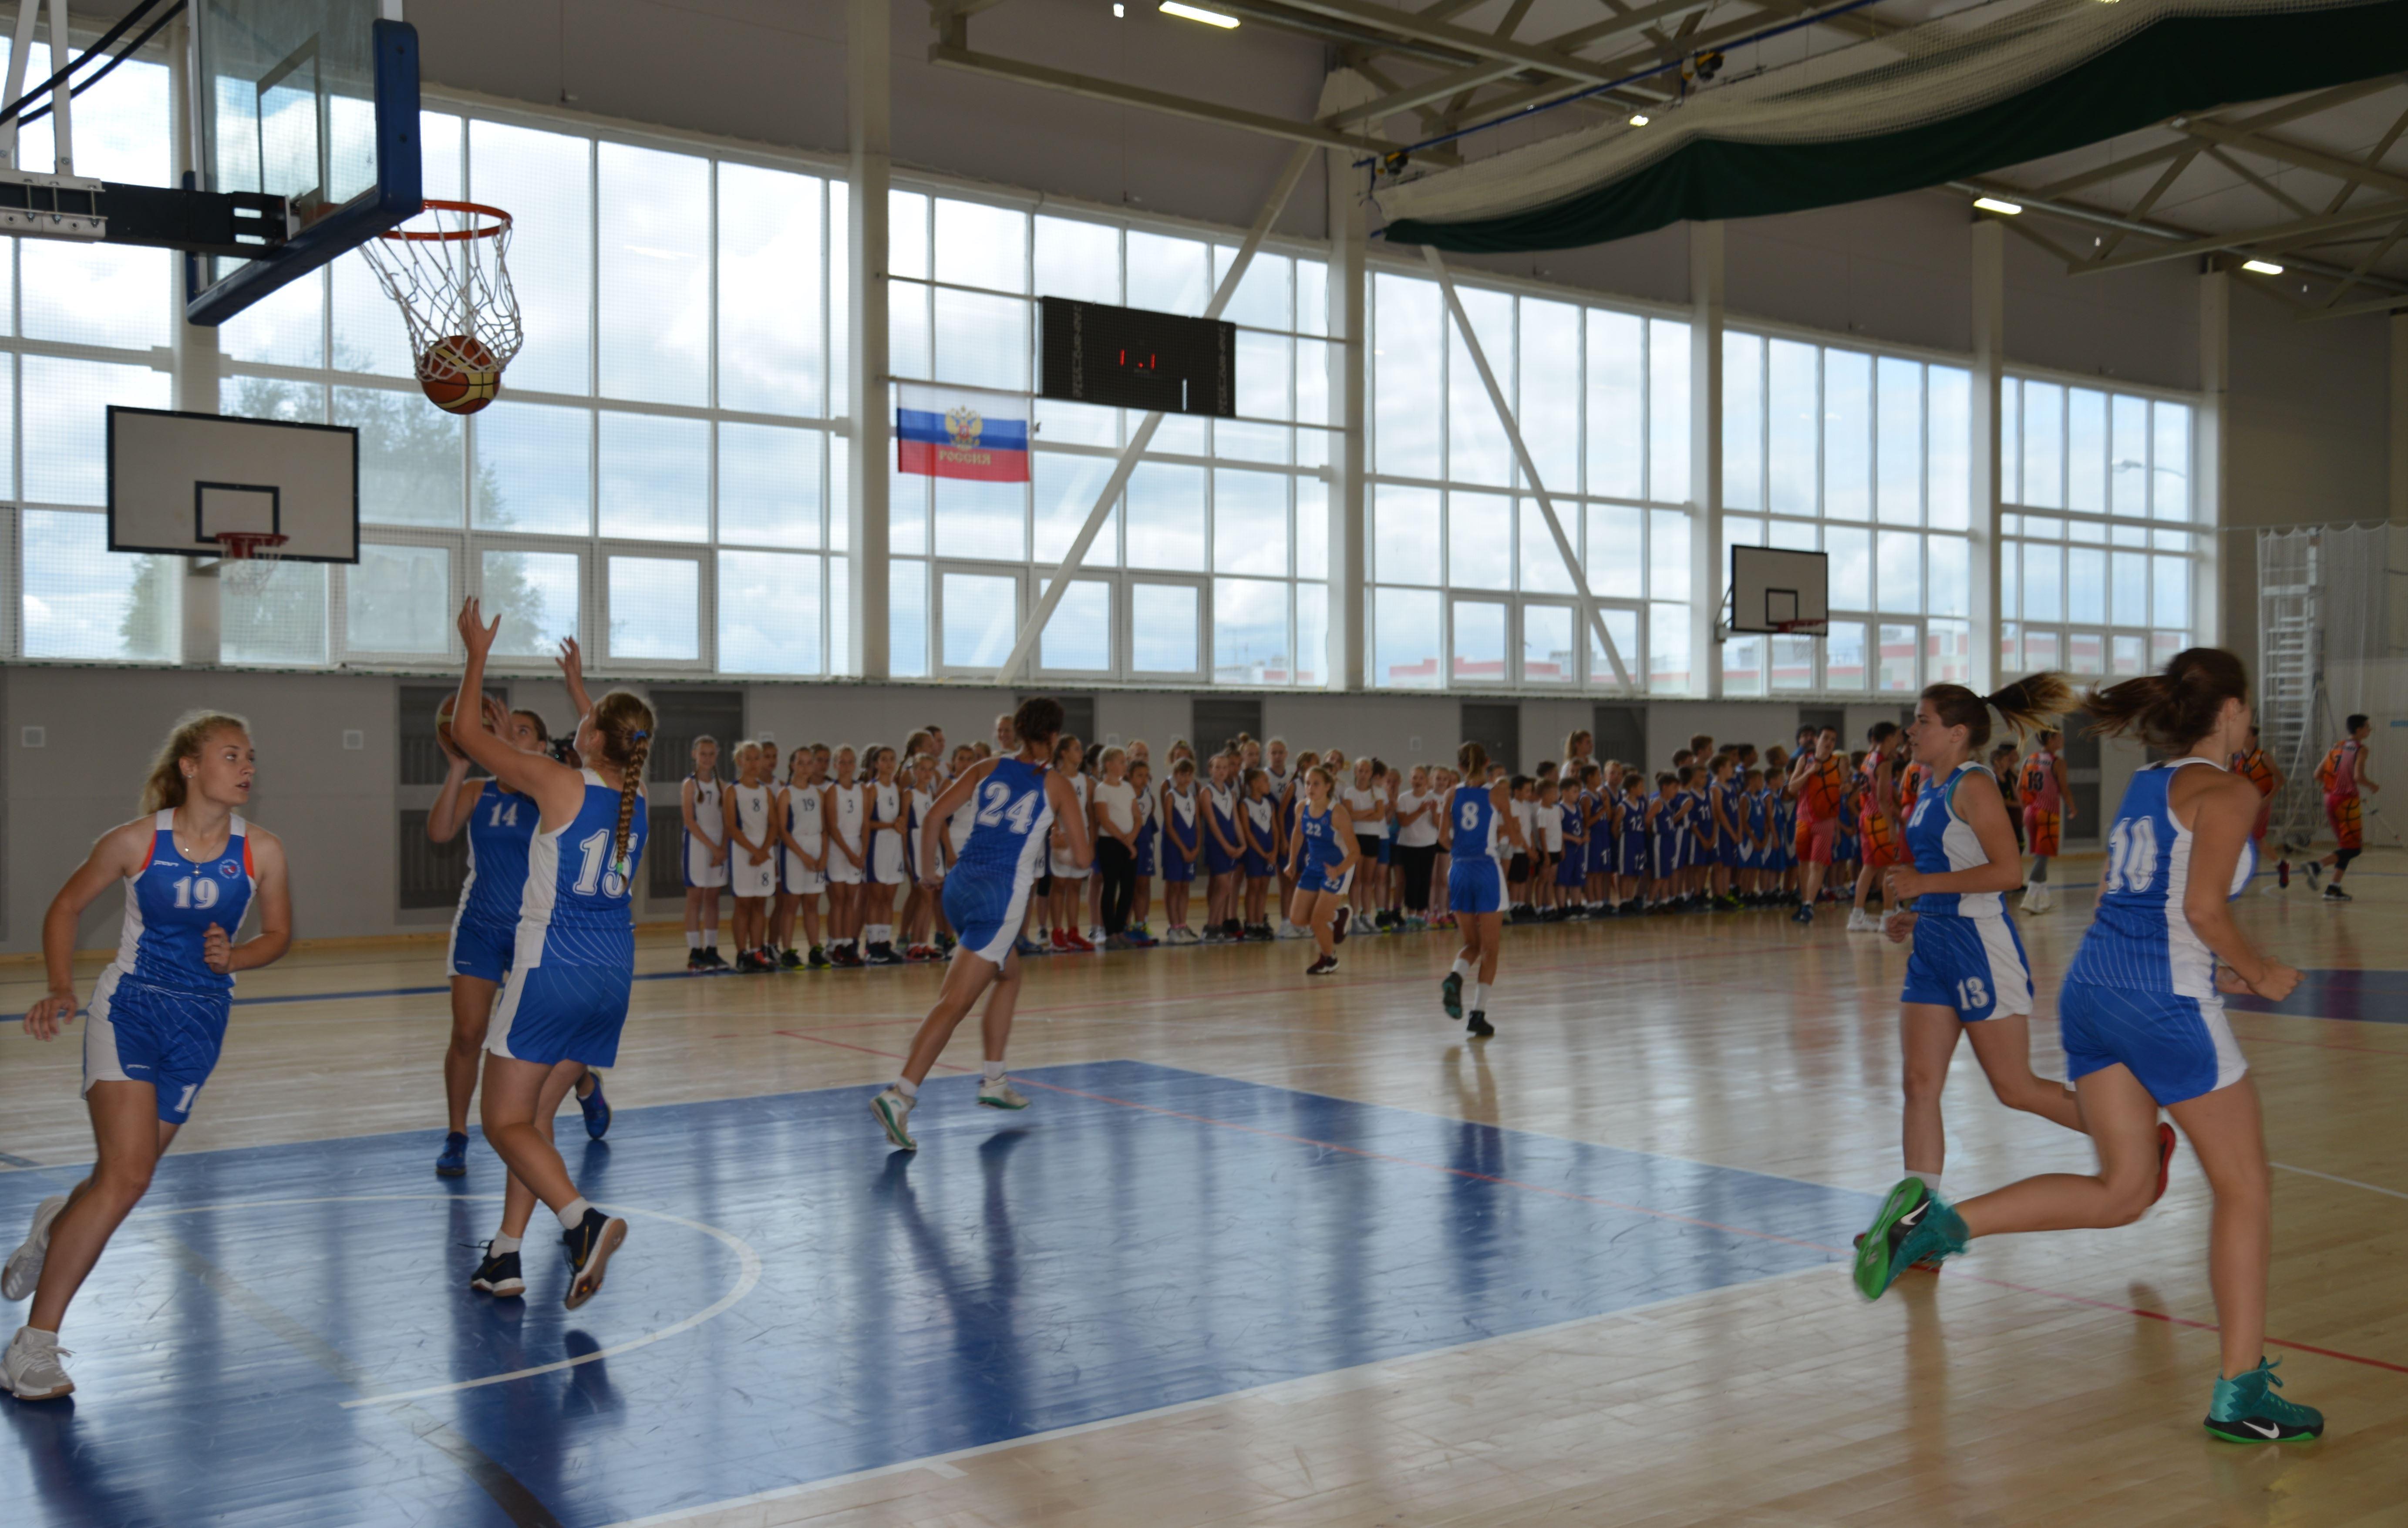 Костромские спортсмены вышли в финал юношеского Первенства России по волейболу